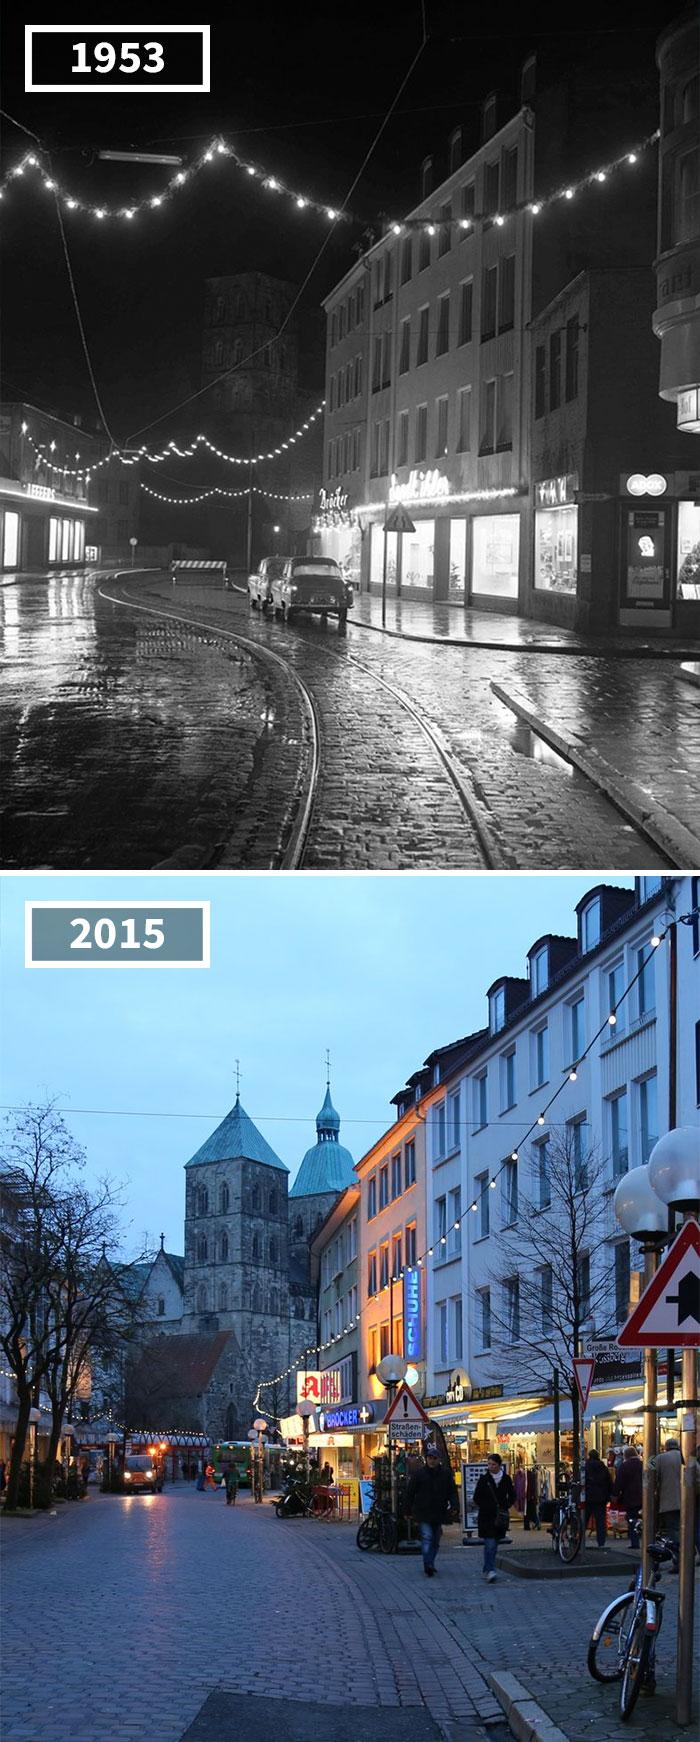 5a0eab5853458 then and now pictures changing world rephotos 24 5a0d8466302fa  700 - A transformação das cidades ao longo do tempo